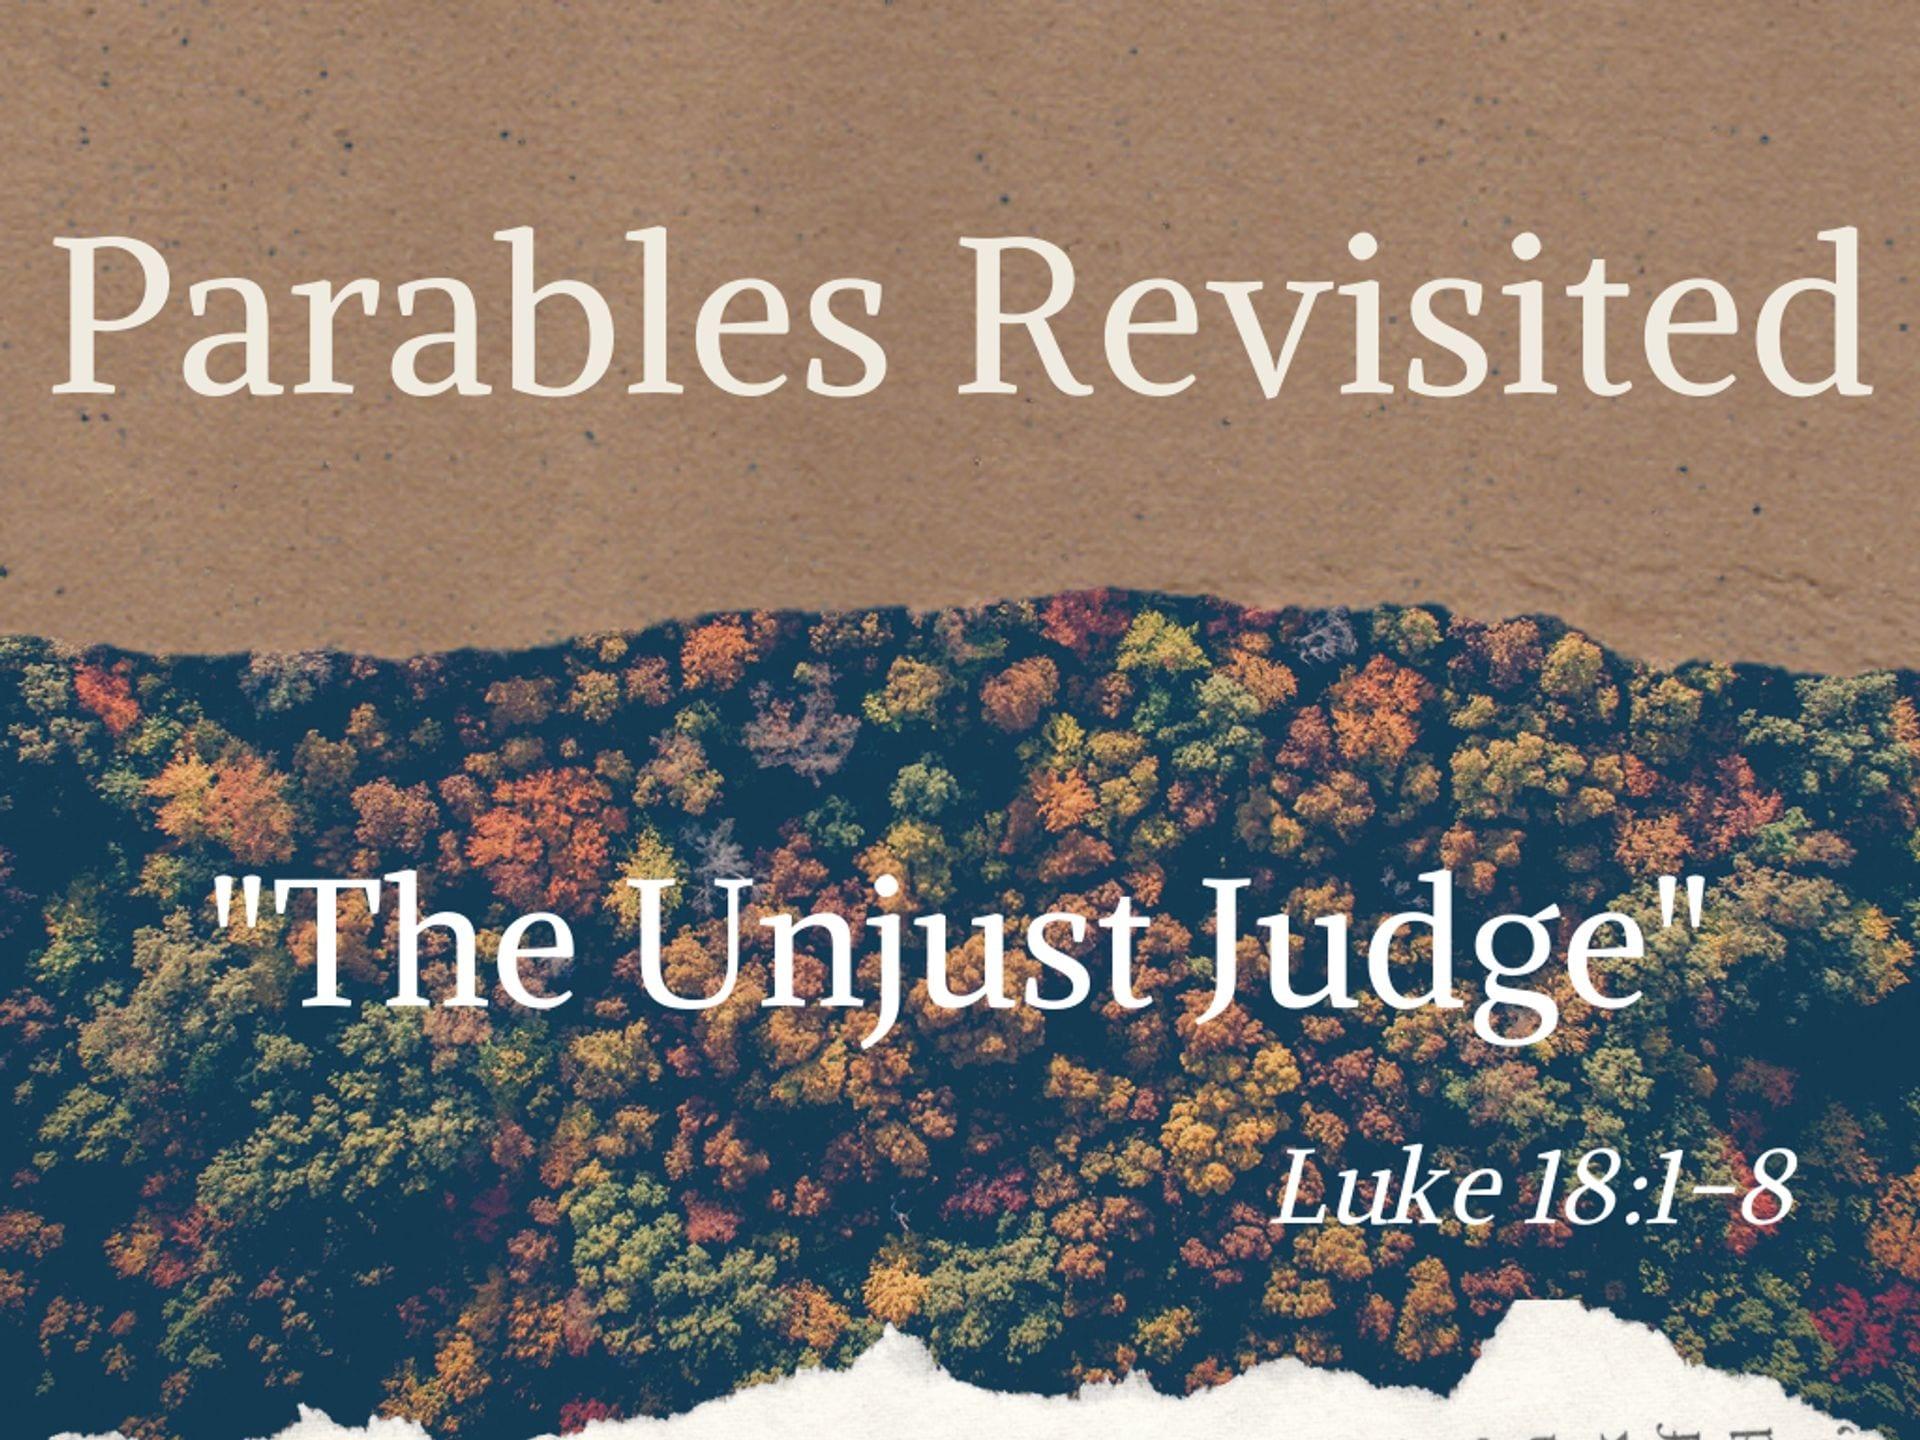 The Unjust Judge